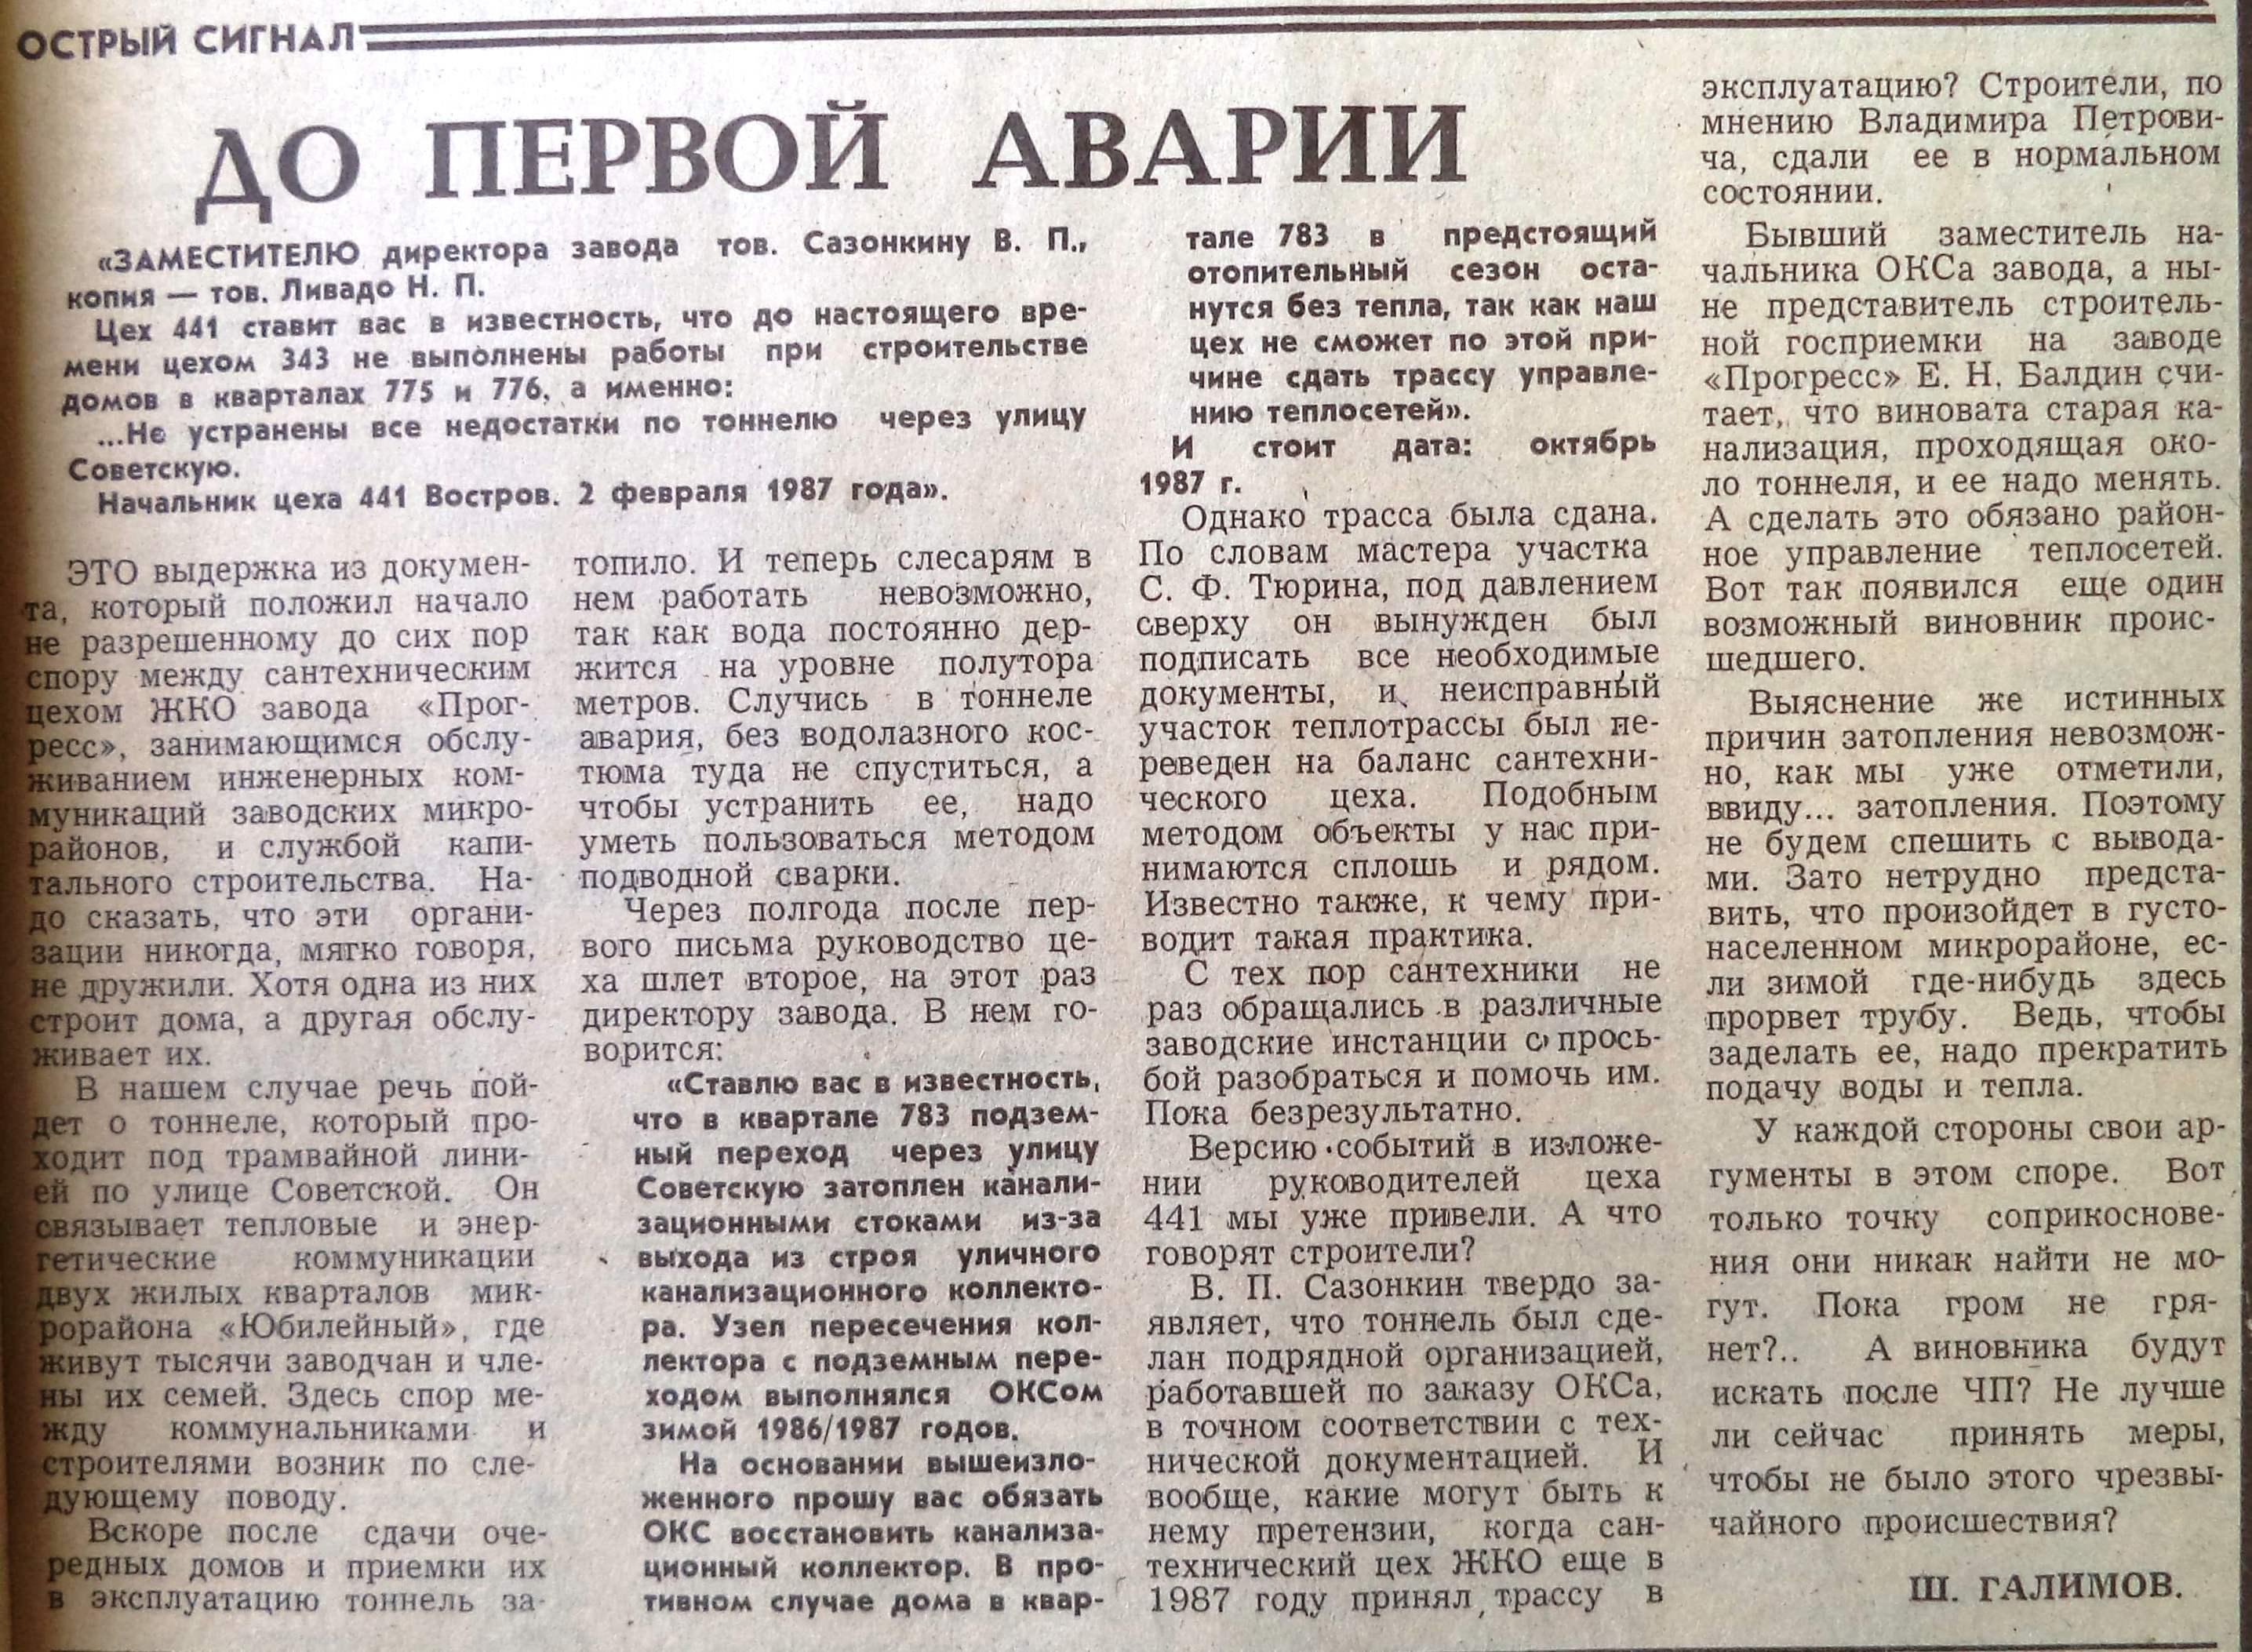 Советская-ФОТО-42-ВЗя-1990-01-06-неблаг-во по Сов.-Поб.-min